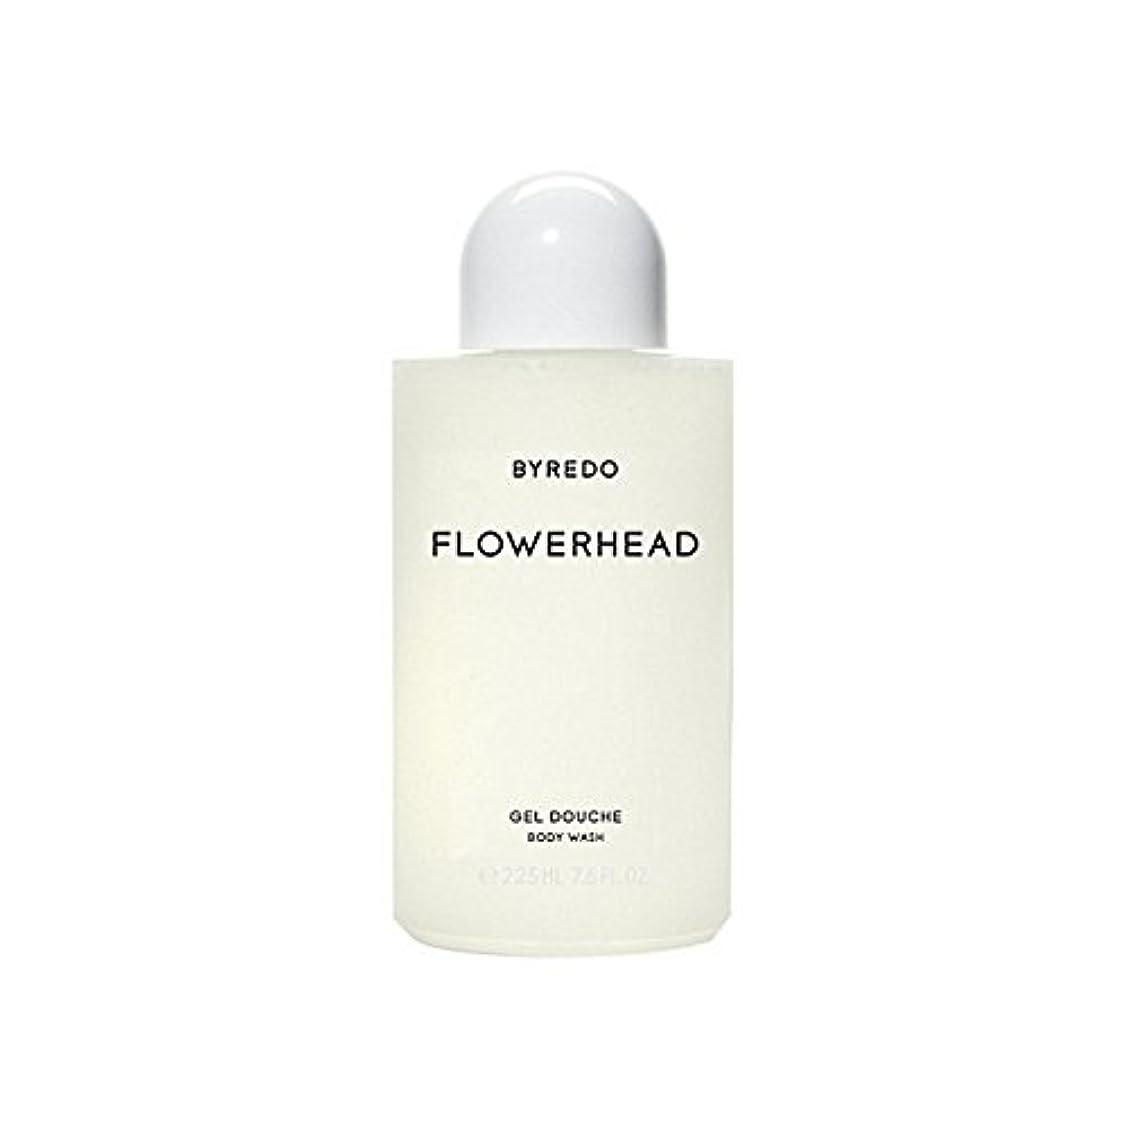 忠実な活力不倫Byredo Flowerhead Body Wash 225ml - ボディウォッシュ225ミリリットル [並行輸入品]